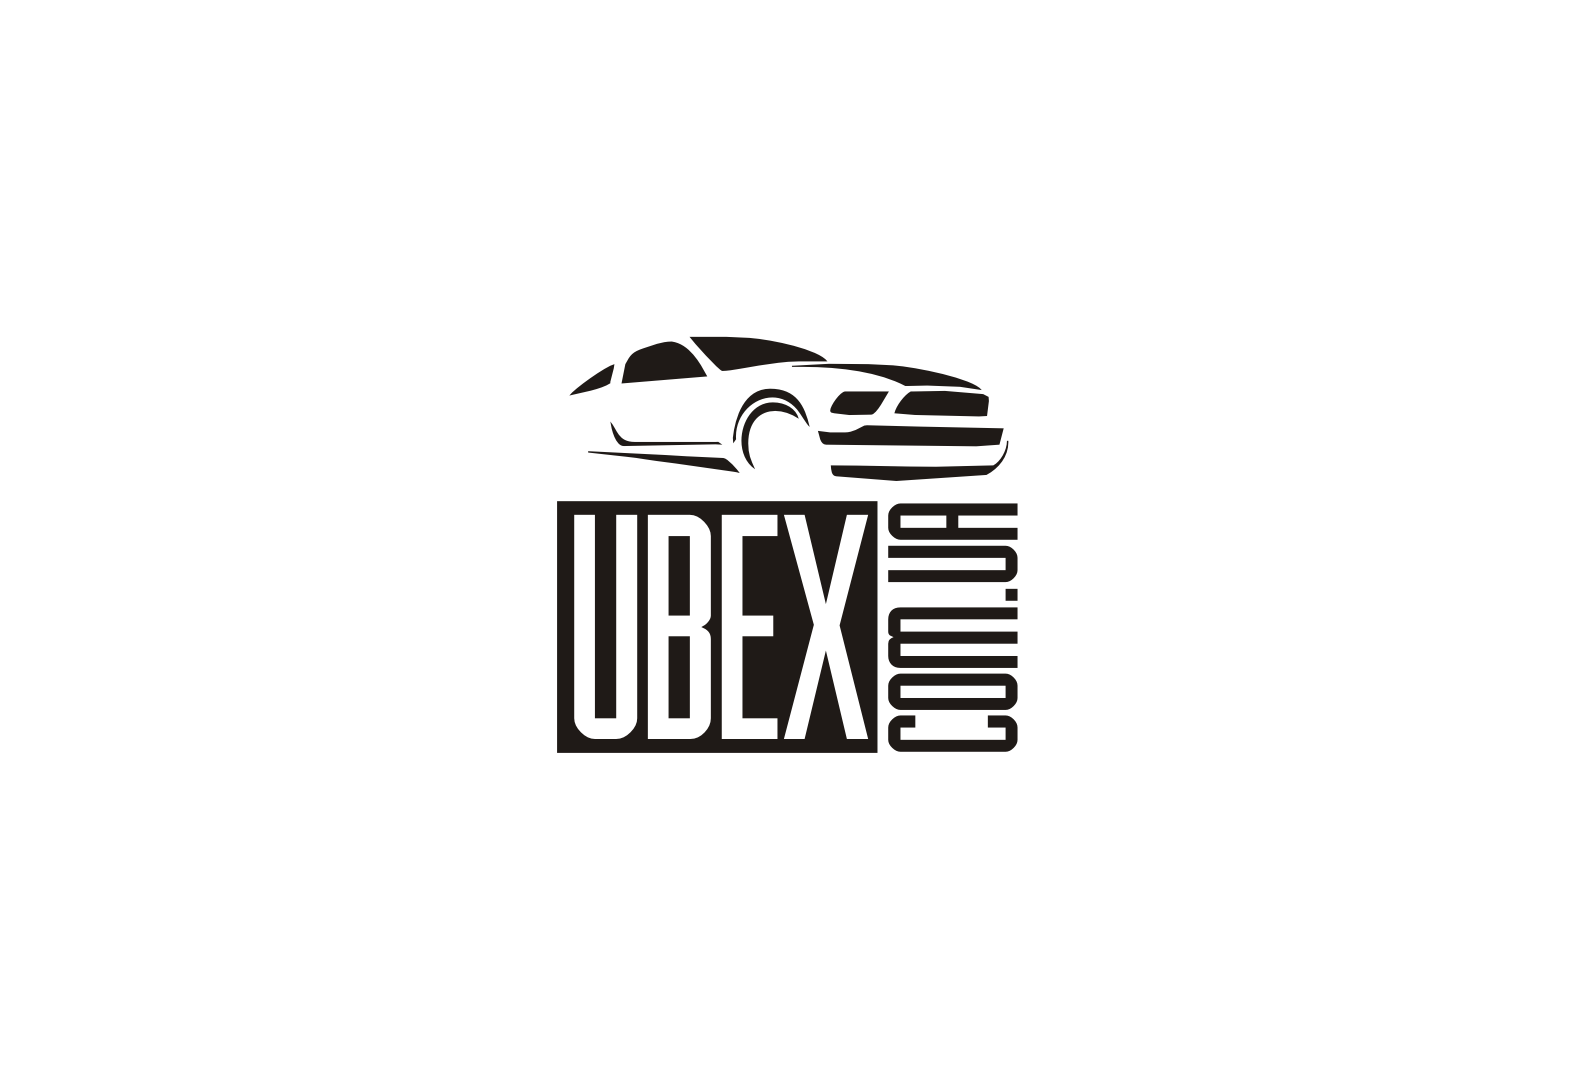 Фото Ubex. Логотип.